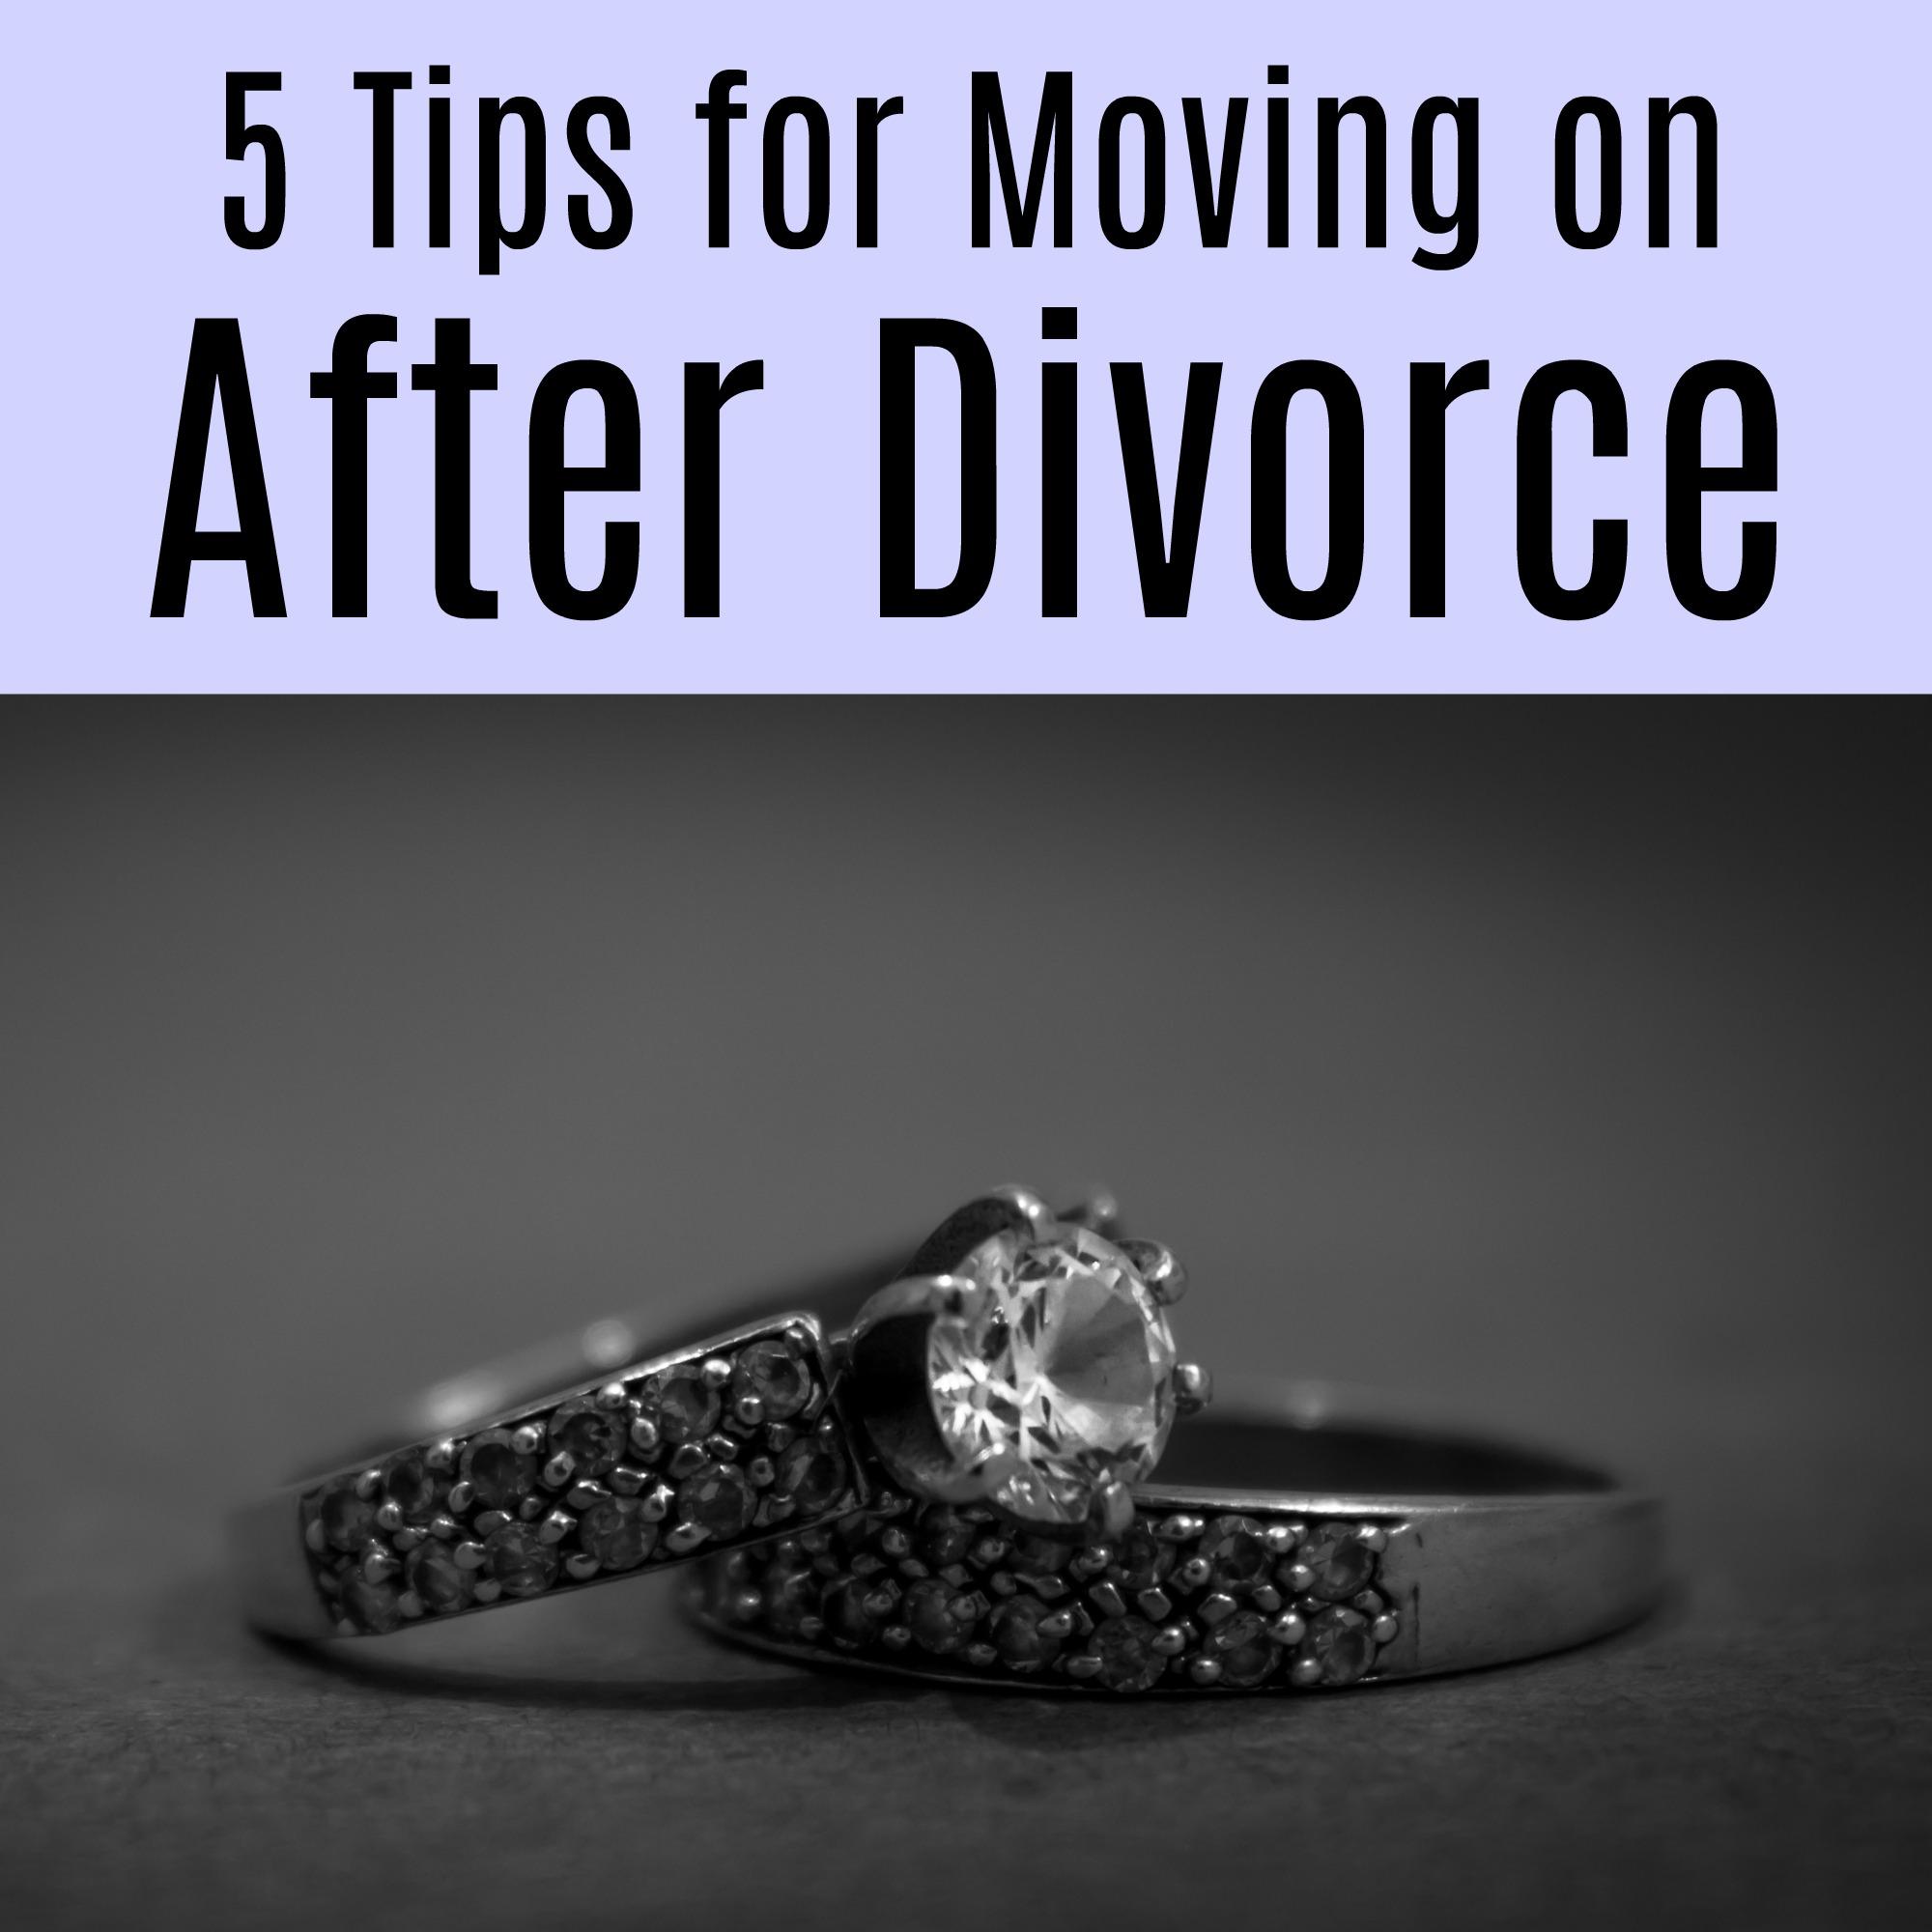 Moving On After Divorce